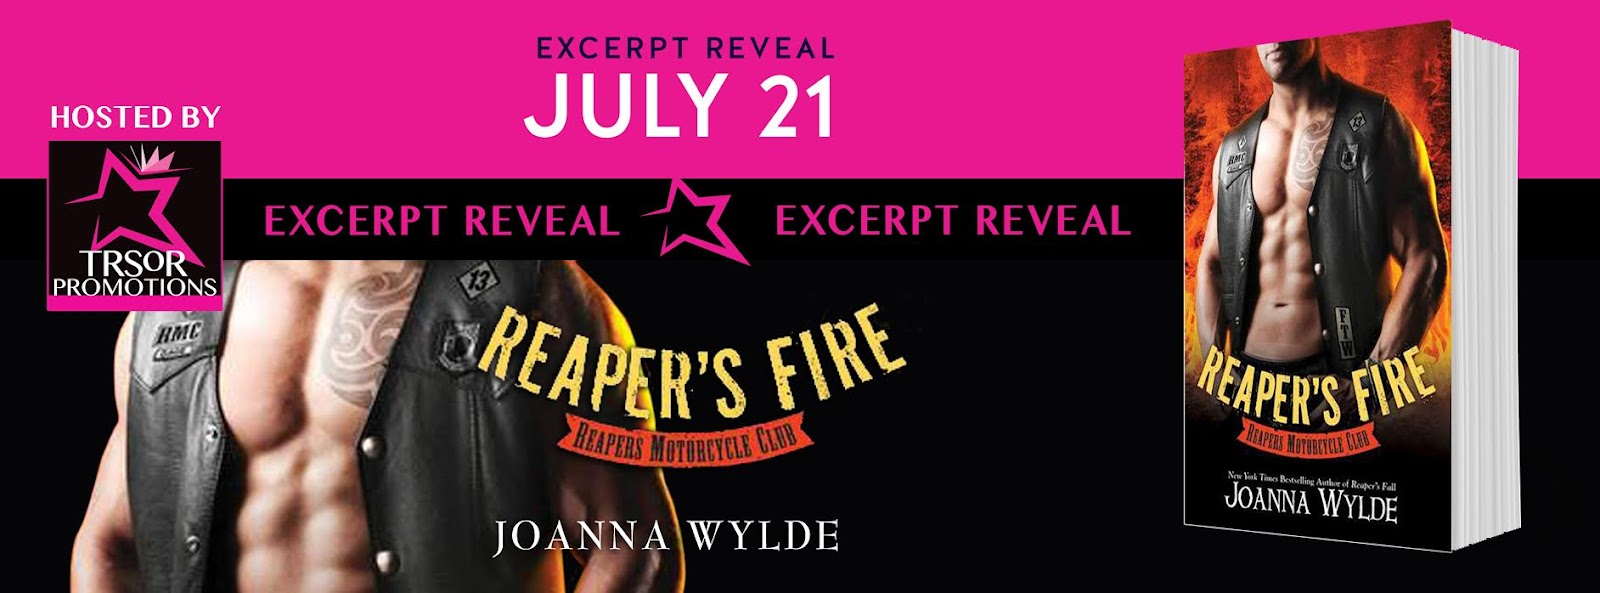 reaper's fire excerpt reveal.jpg